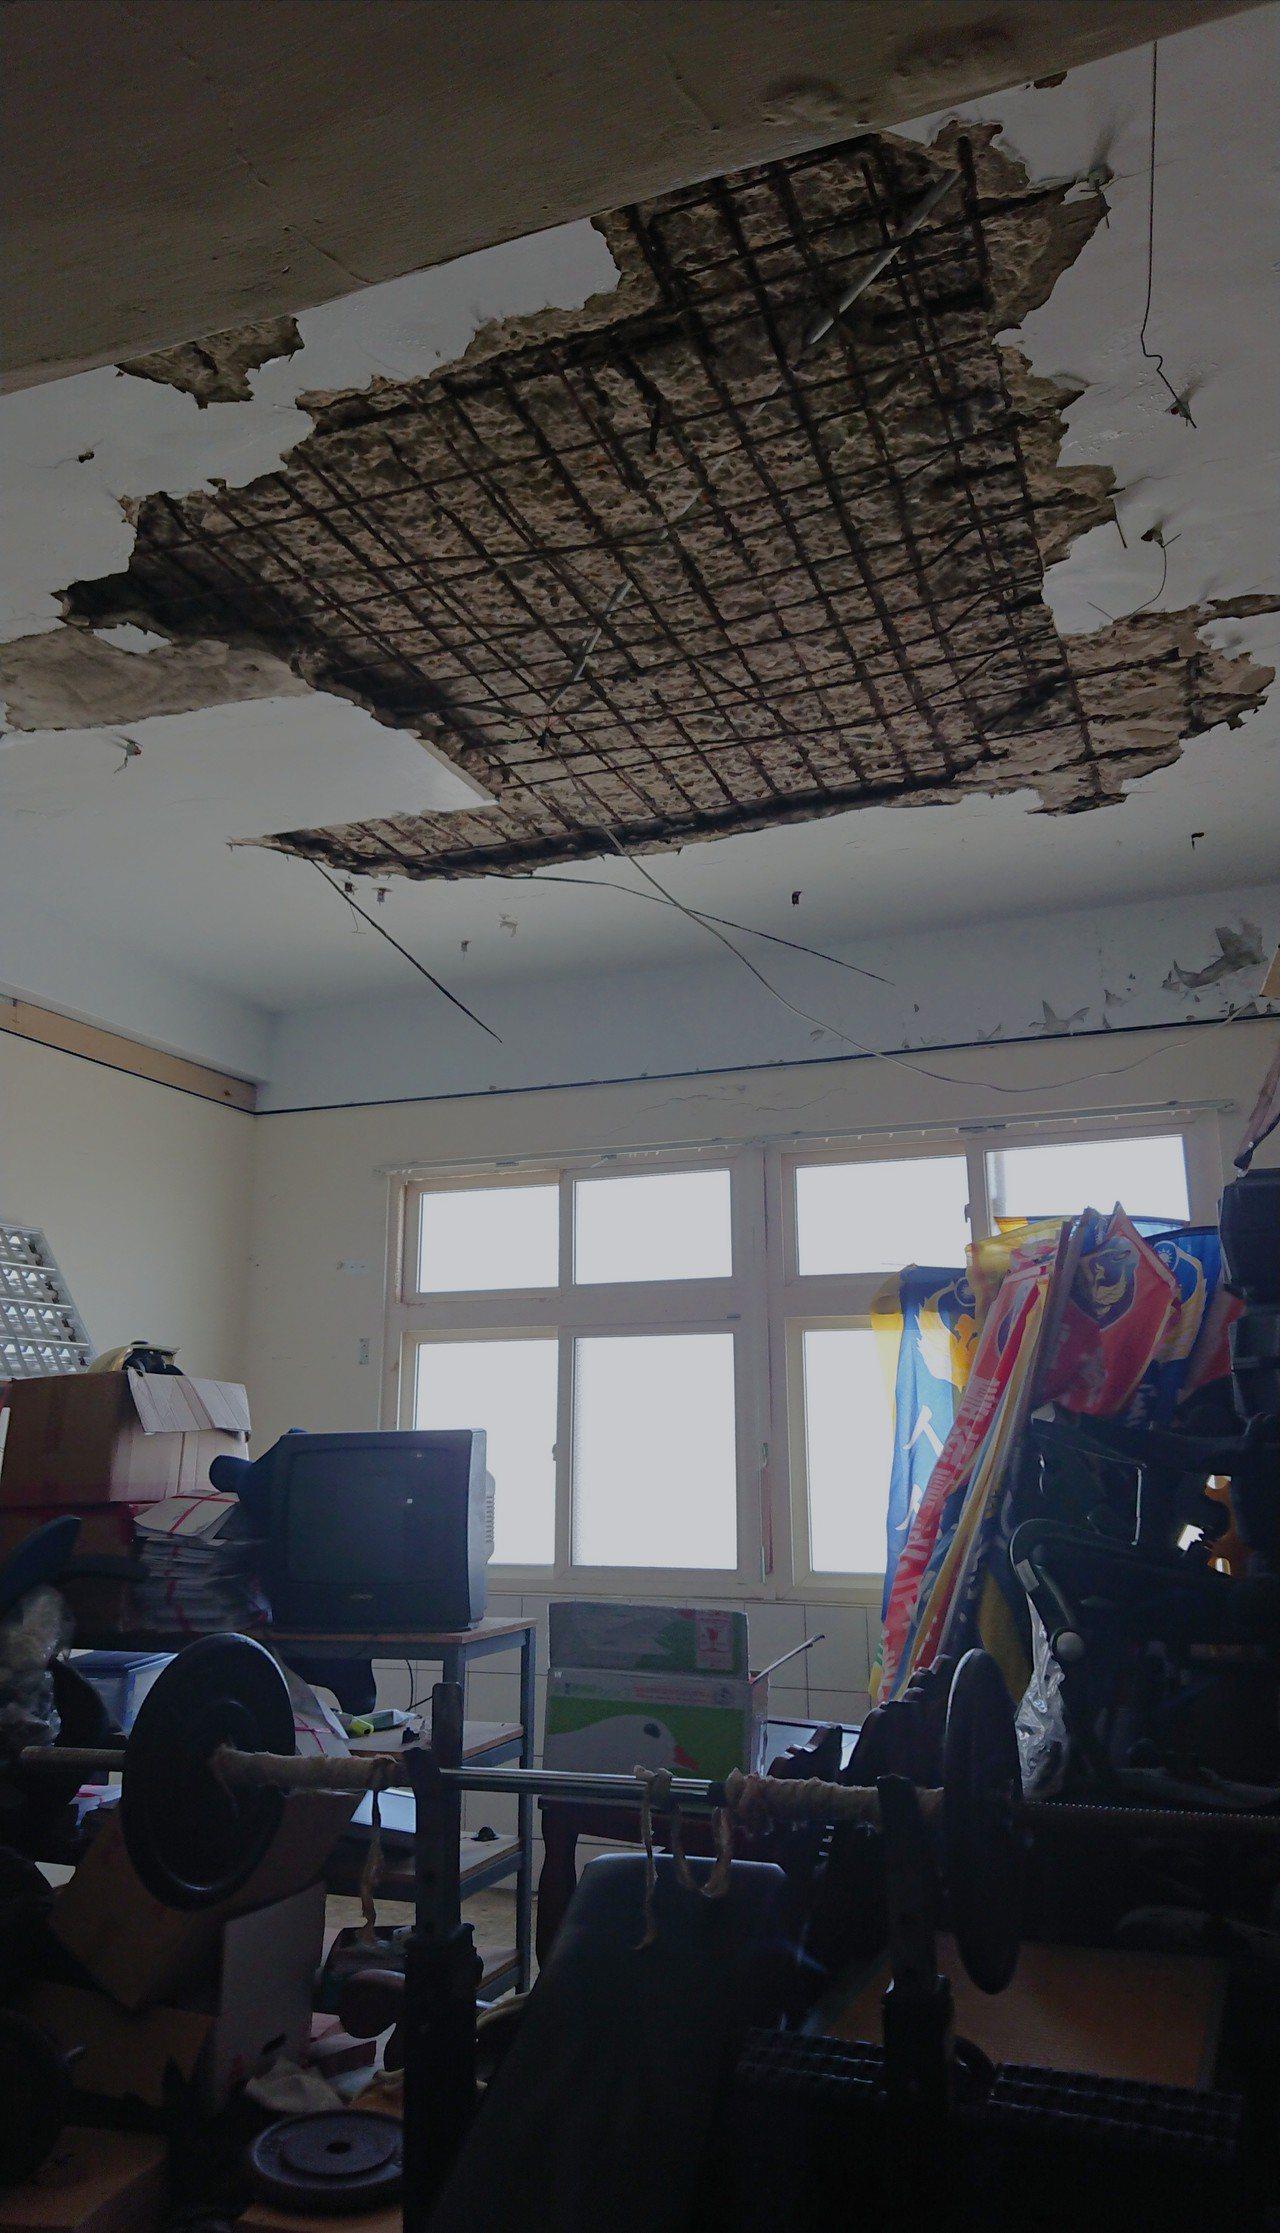 東石消防分隊天花板, 嚴重受損露出鋼筋。 記者卜敏正/攝影